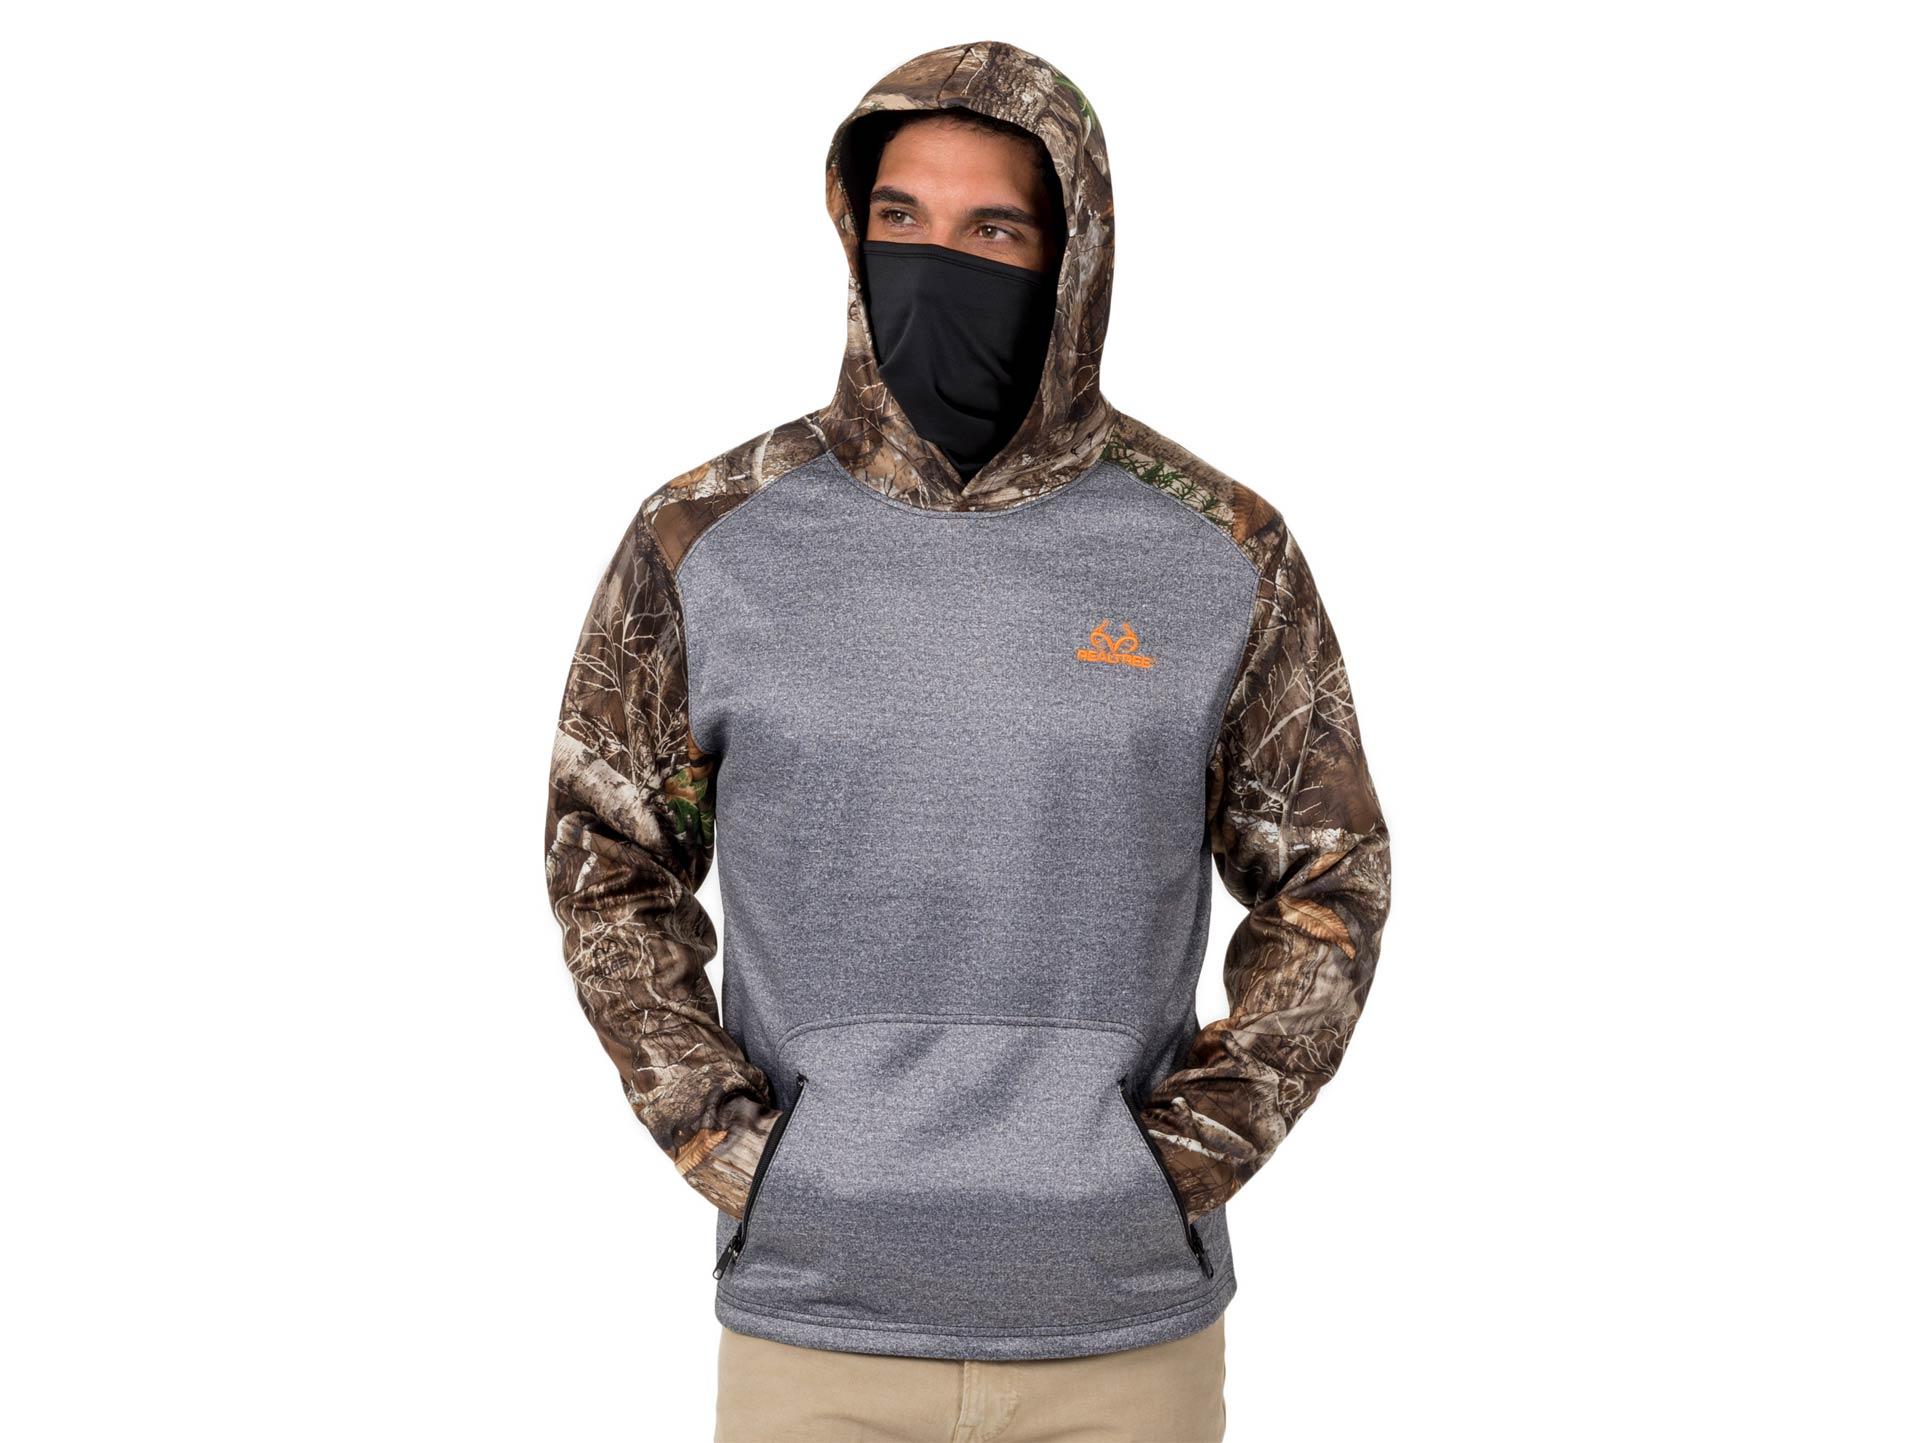 Realtree hunting fleece hoodie